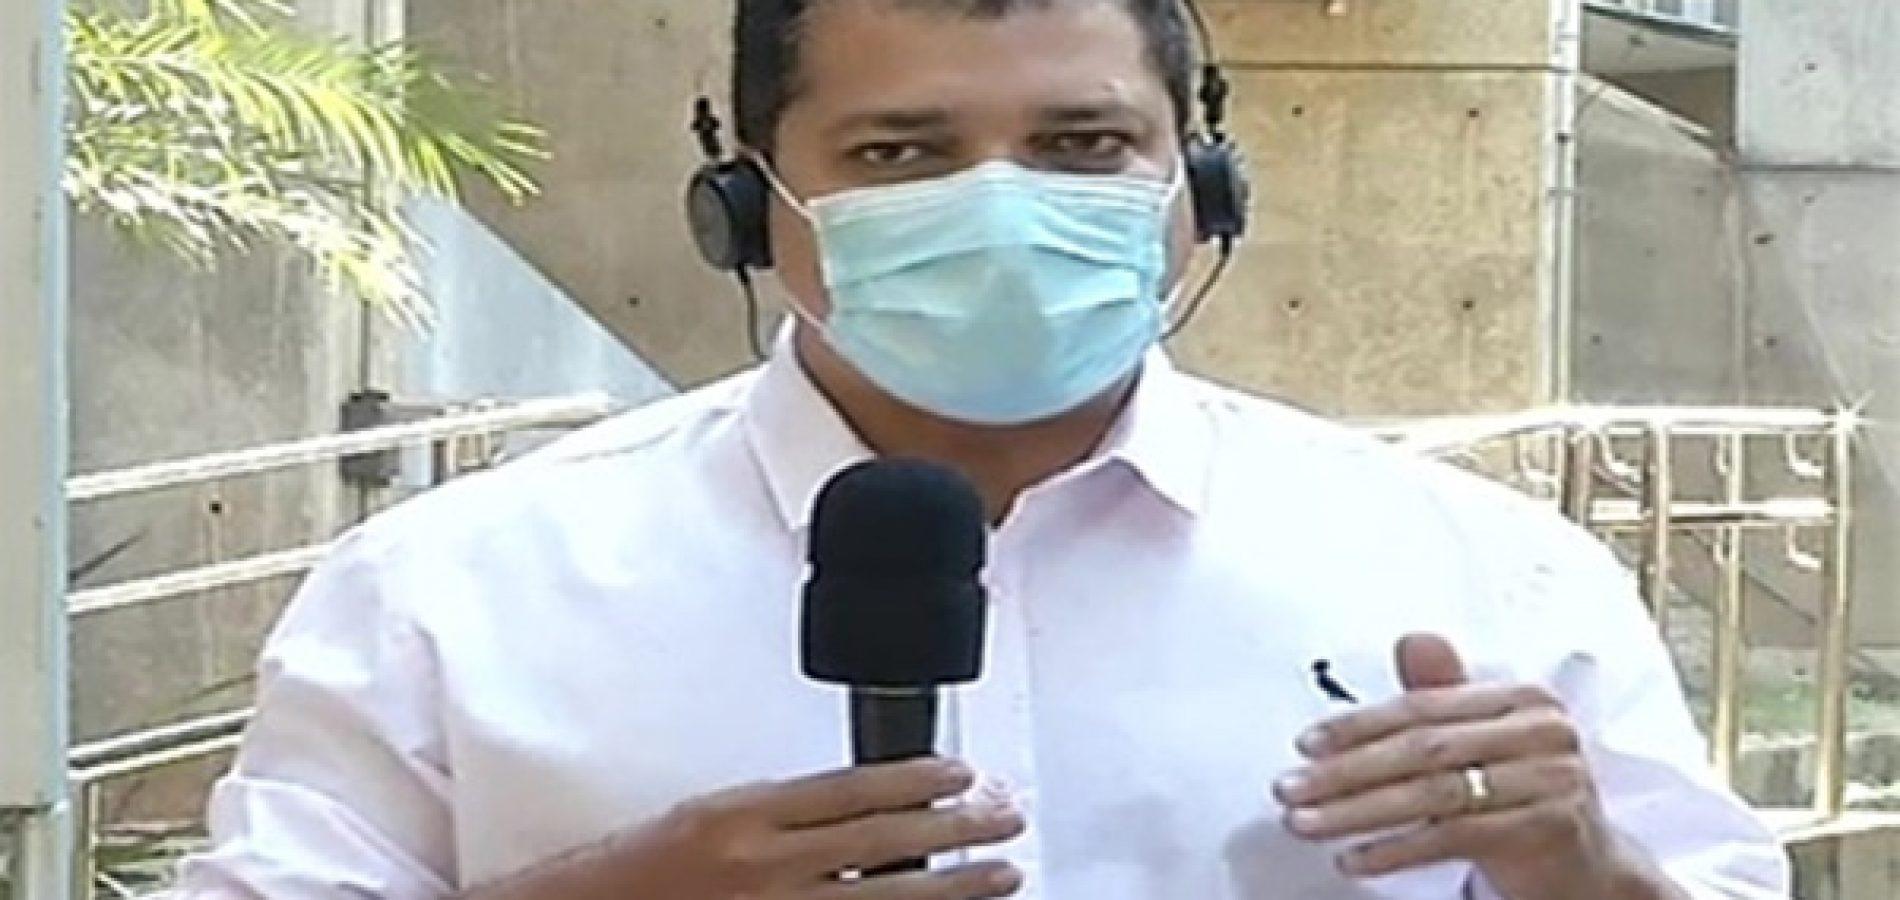 Equipamentos de leitos de Covid desativados são realocados em hospitais no Piauí